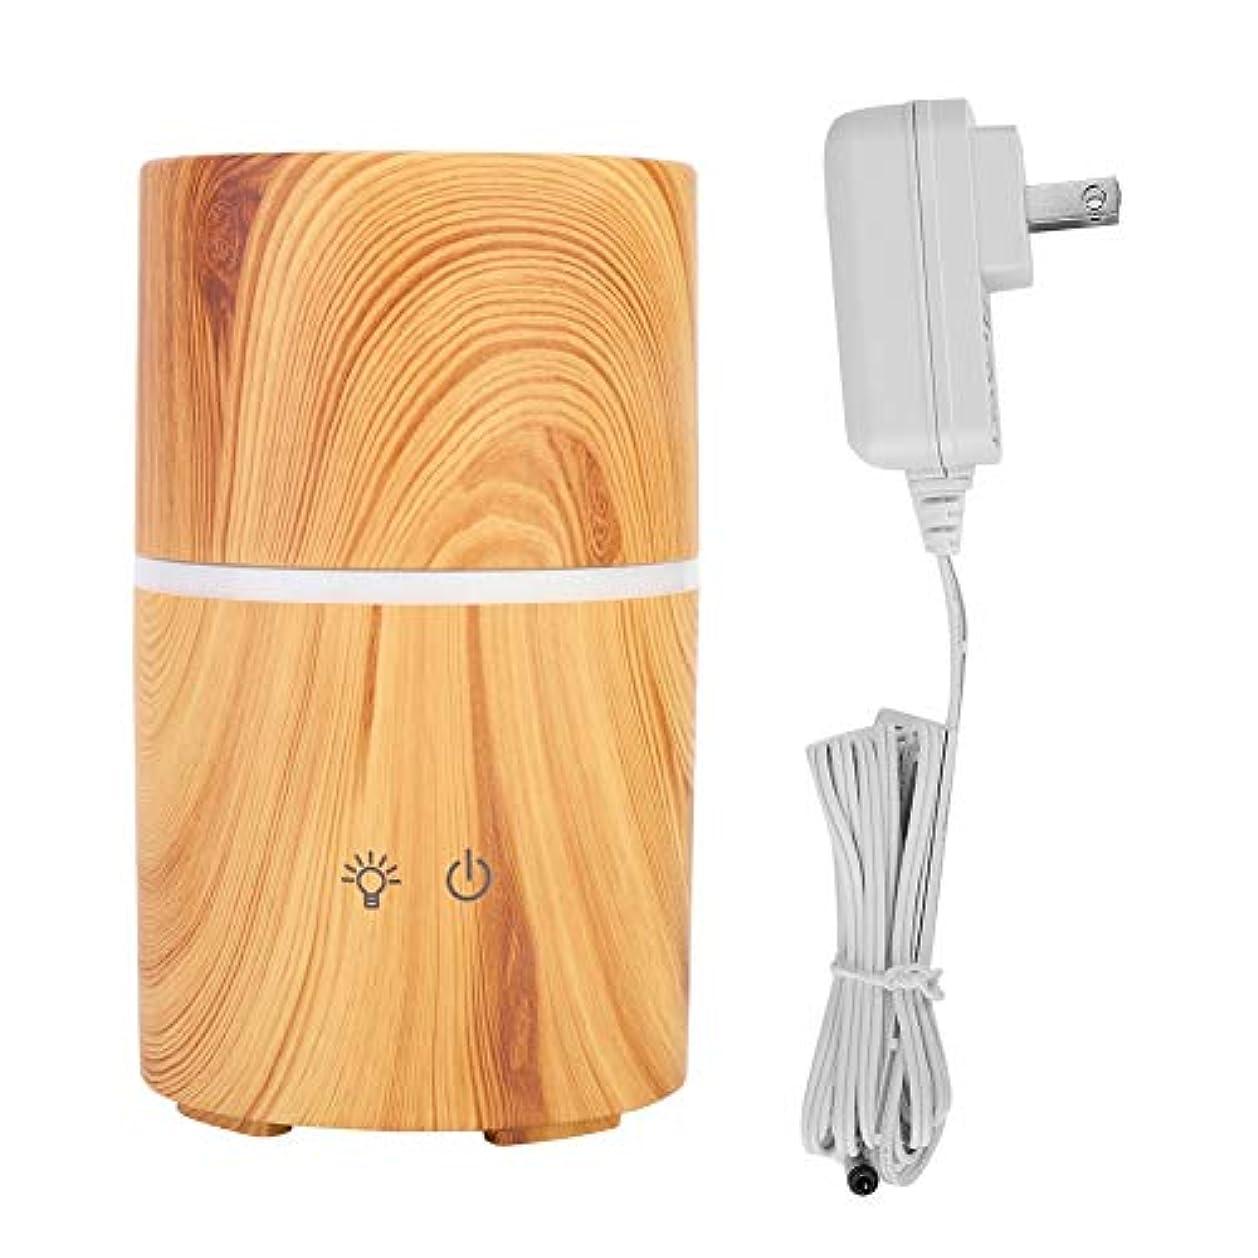 参照手当連続的アロマセラピーディフューザー、多目的木目LEDインテリジェントディフューザーワイヤレススピーカー加湿器家庭用装飾(USプラグ100-240V)